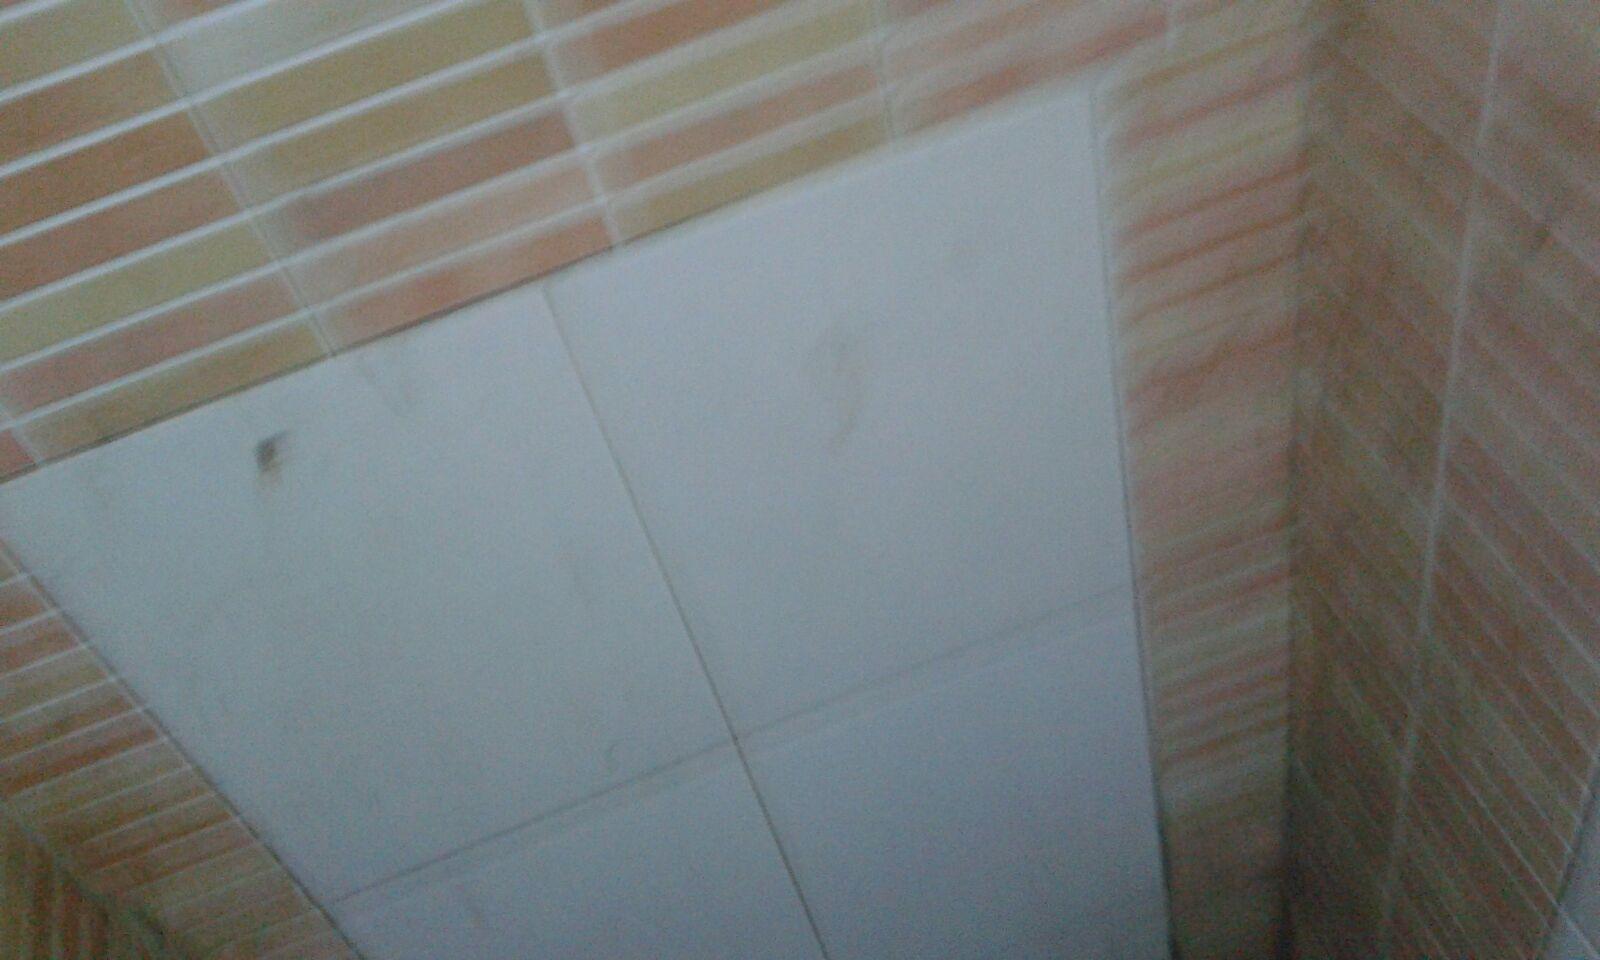 بالصور.. حمام رمسيس العمومي «غُرزة» للمدمنين